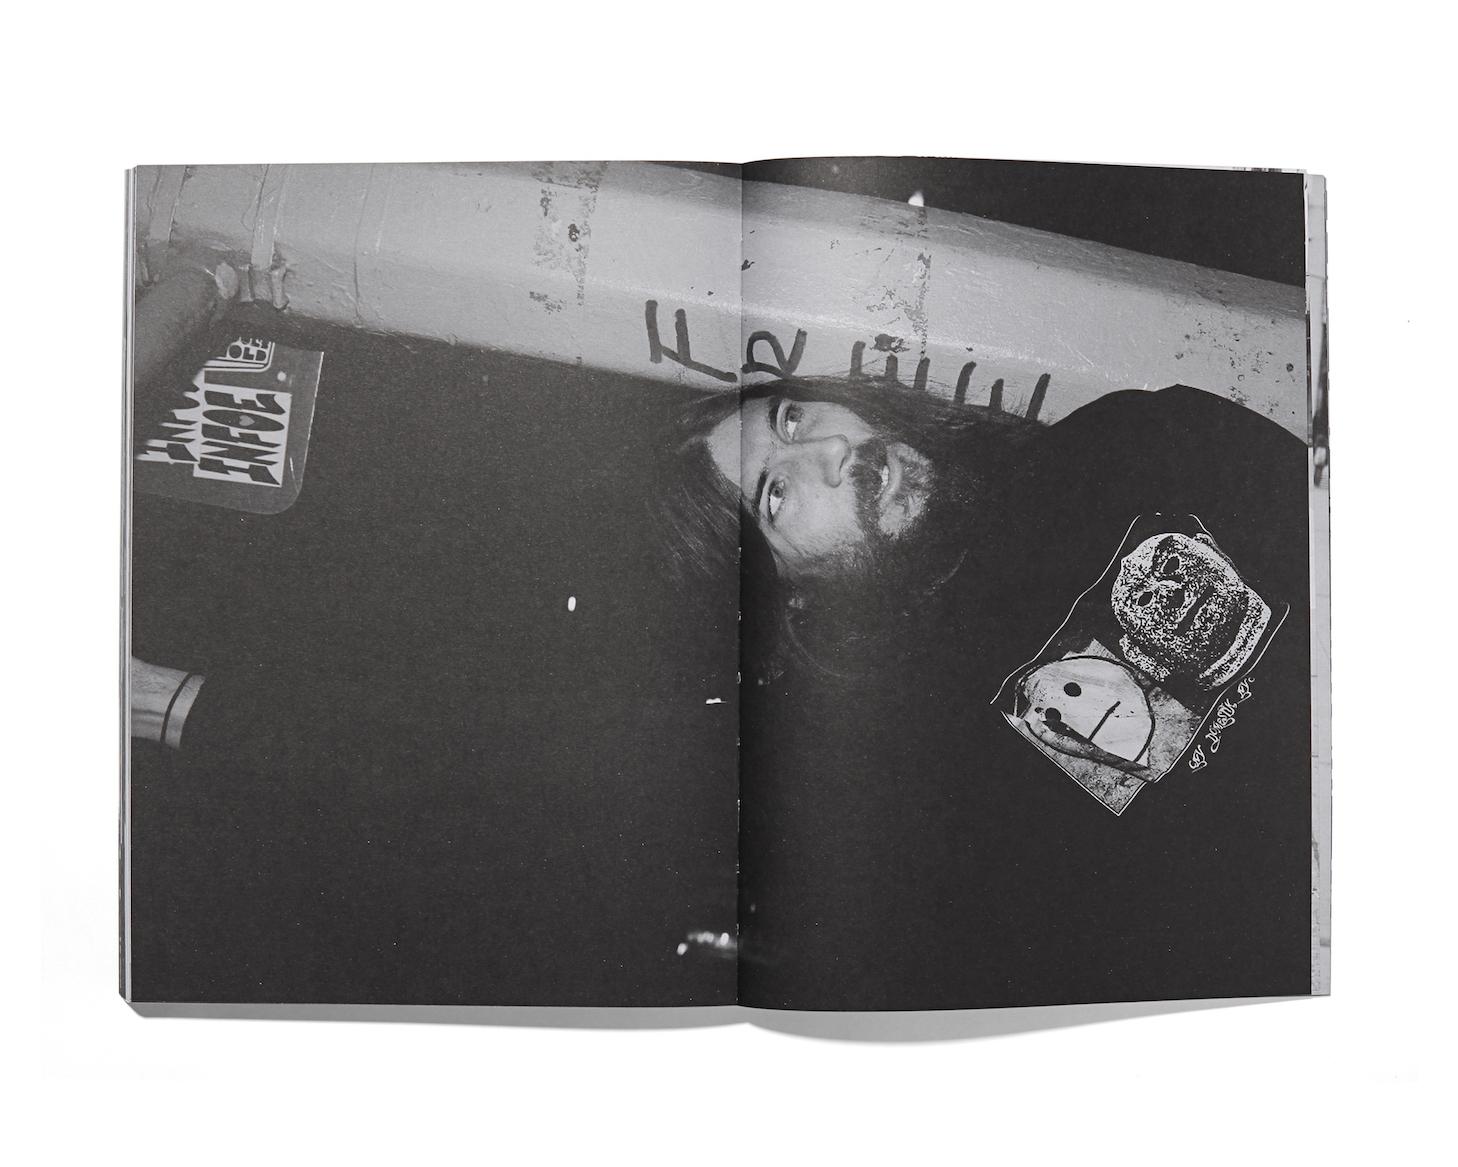 ピーター・サザーランドとCNY.NYCが4年間記録した書籍発売